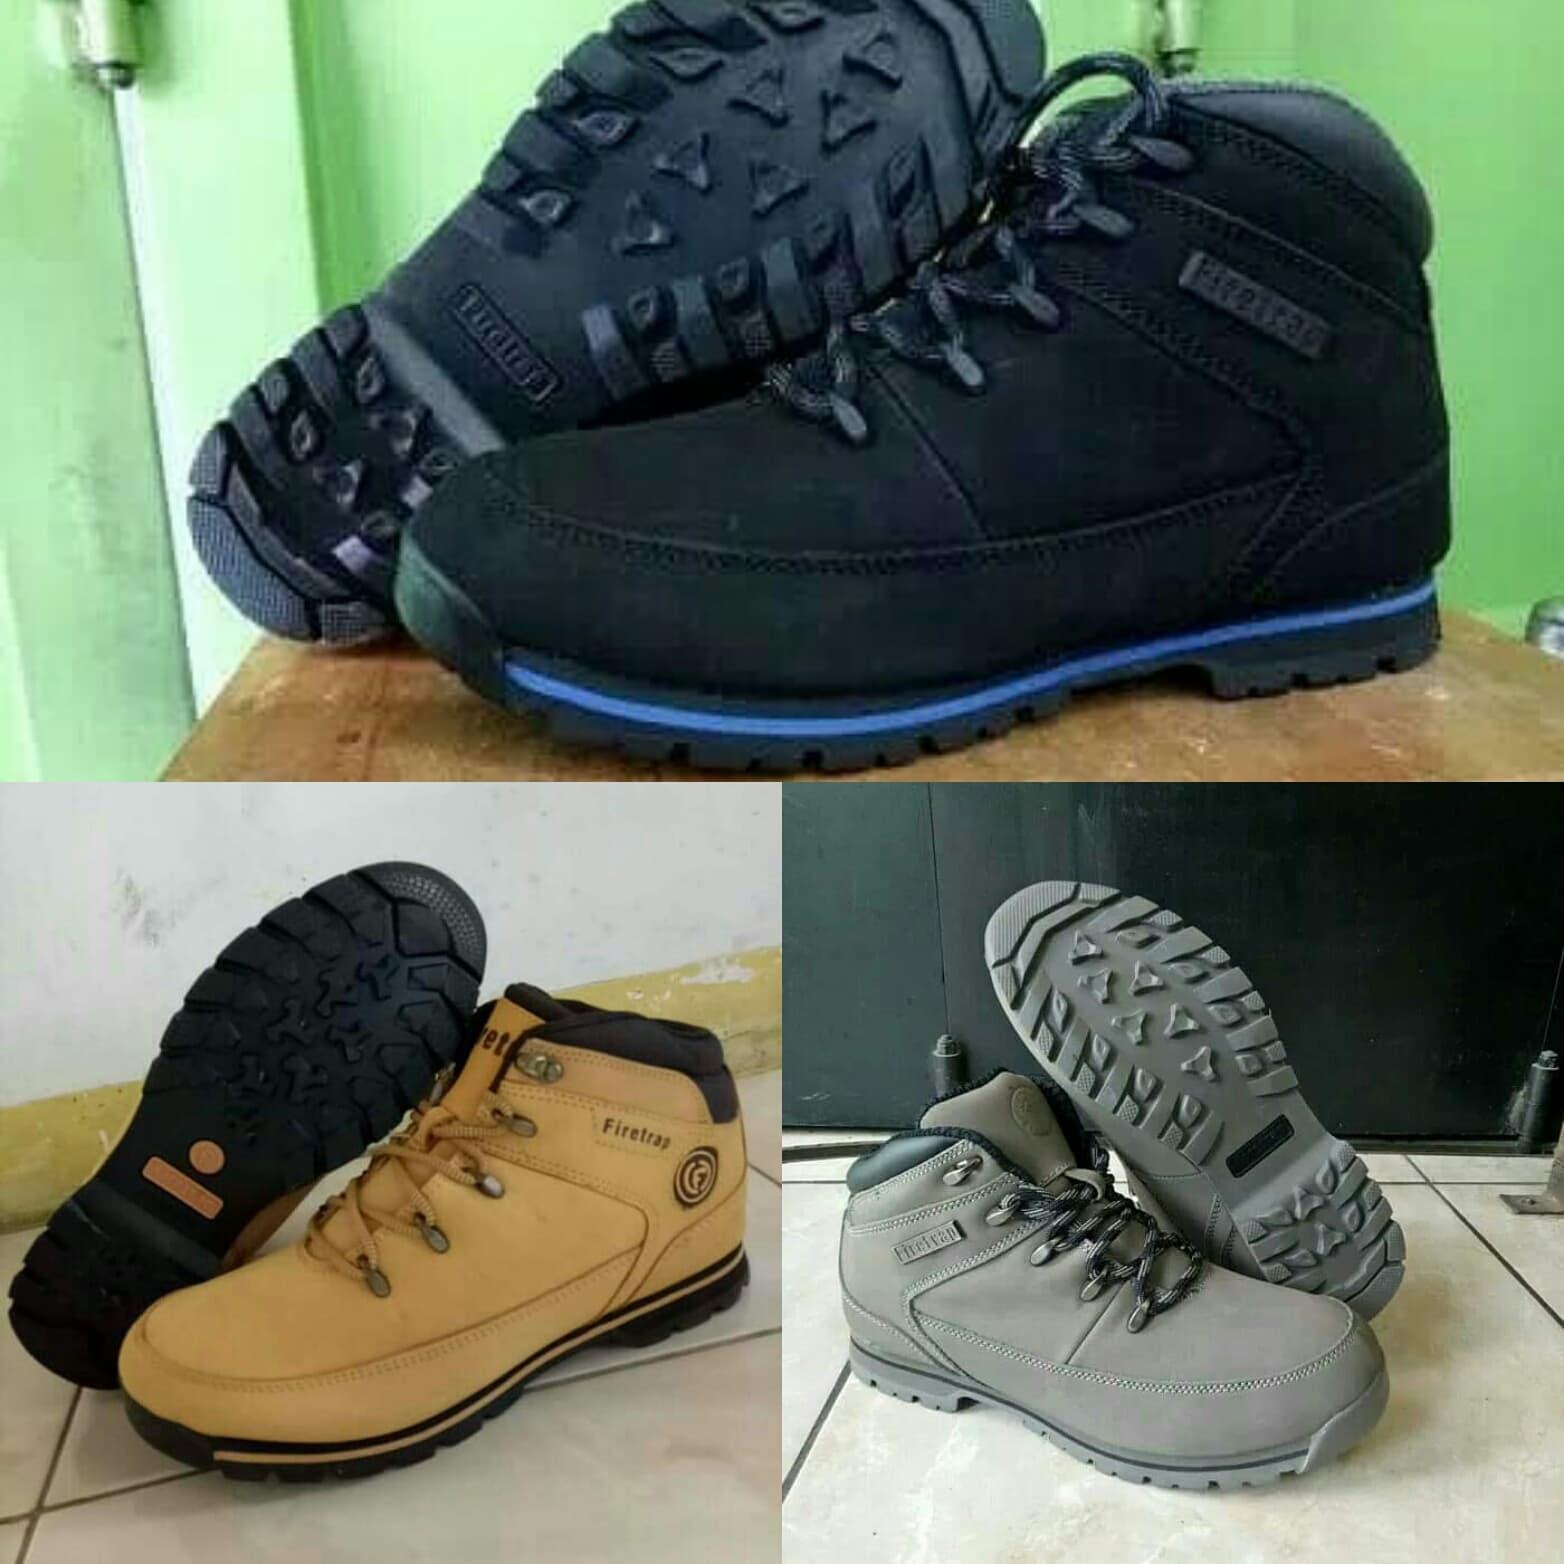 8e3ecff1330 Jual Sepatu boot firetrap rhino boot original - Kota Bandung - ELO ...